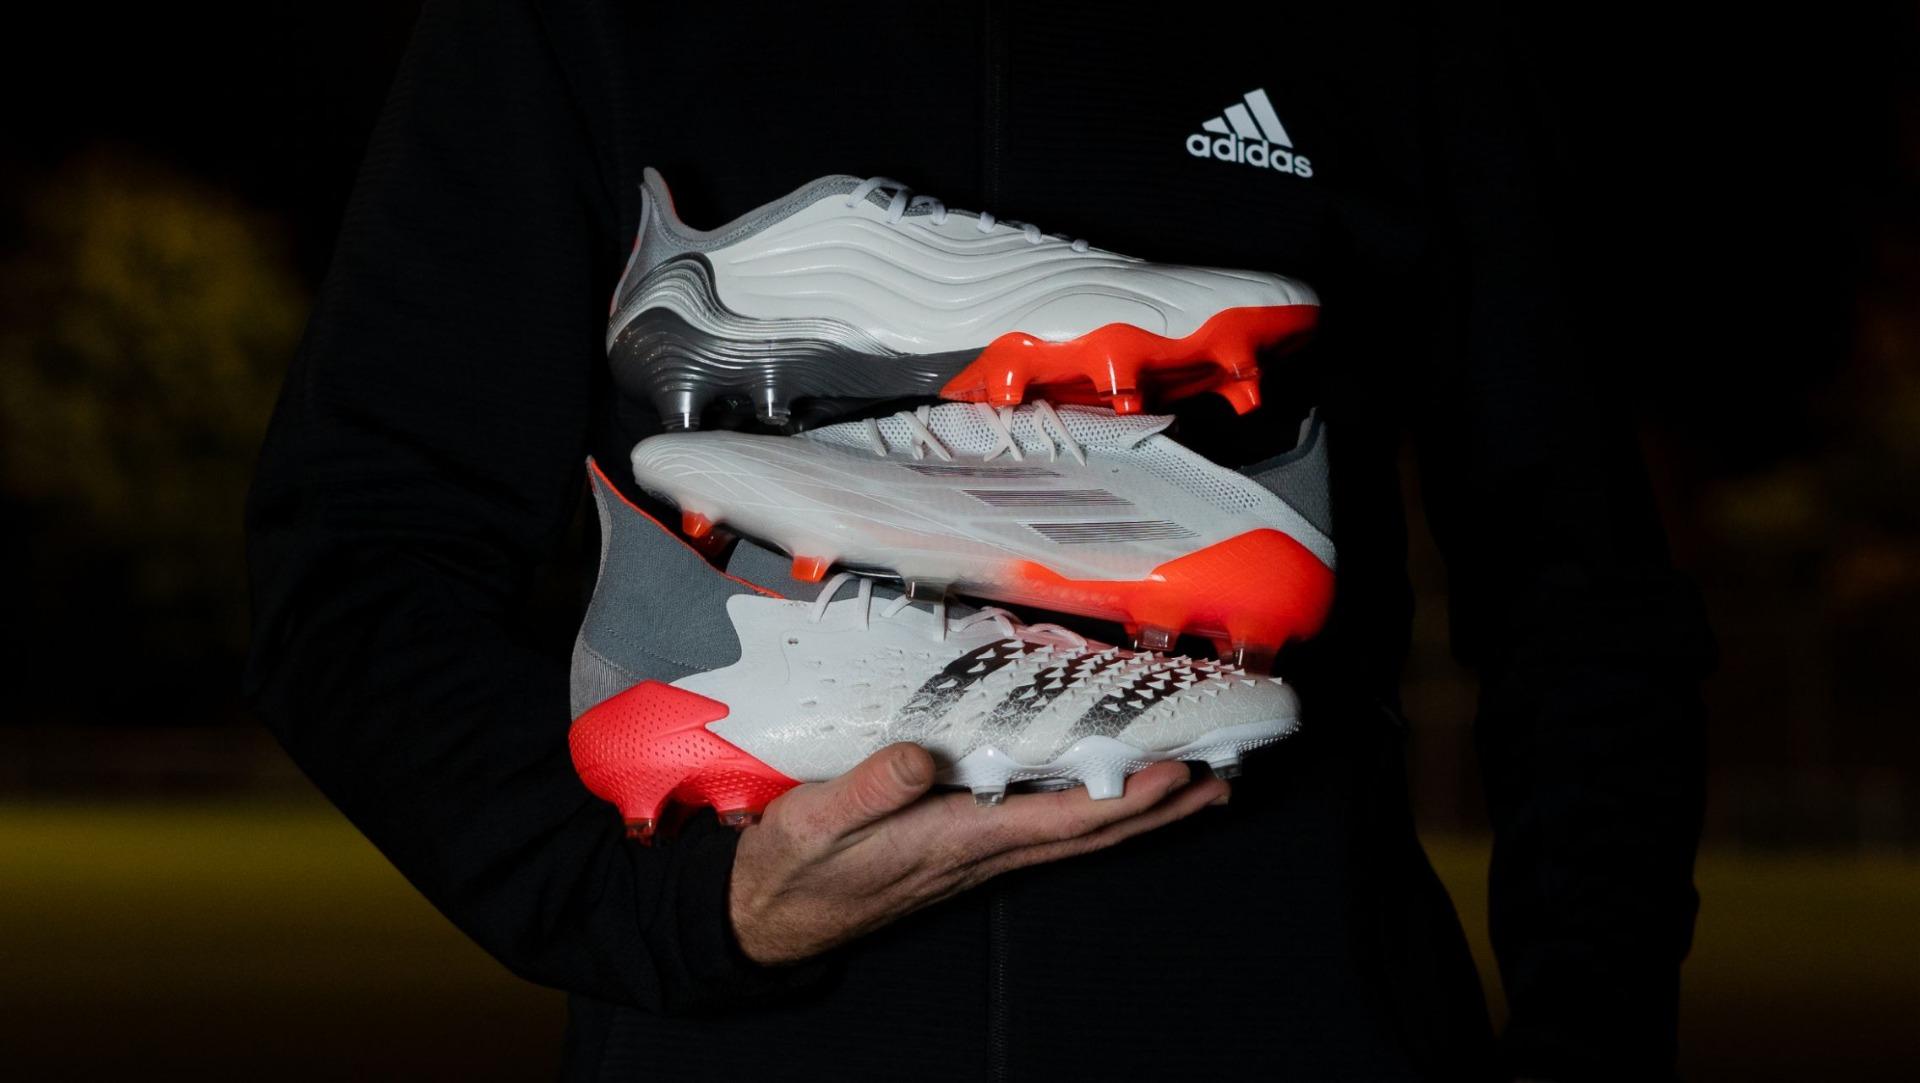 Jouw seizoen krijgt een refresh door het adidas White Spark Pack